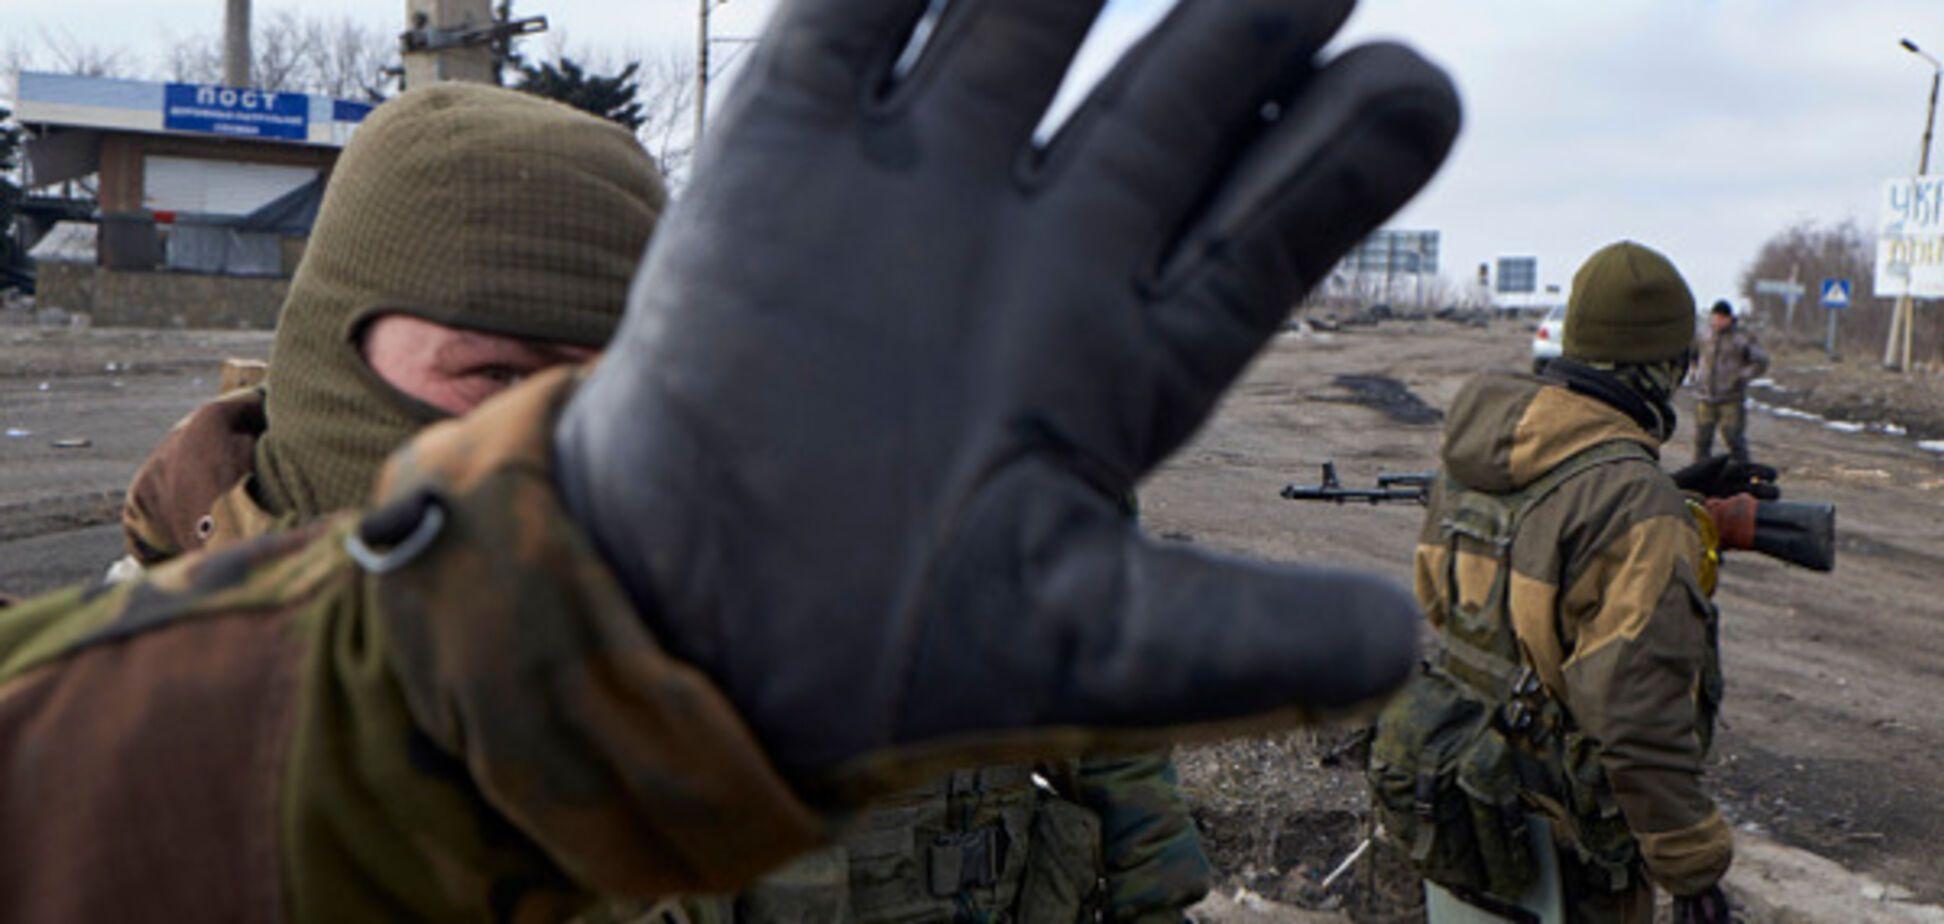 Терористи 'ДНР' у головній ролі: у мережі виник ще один скандал через ефір СТБ